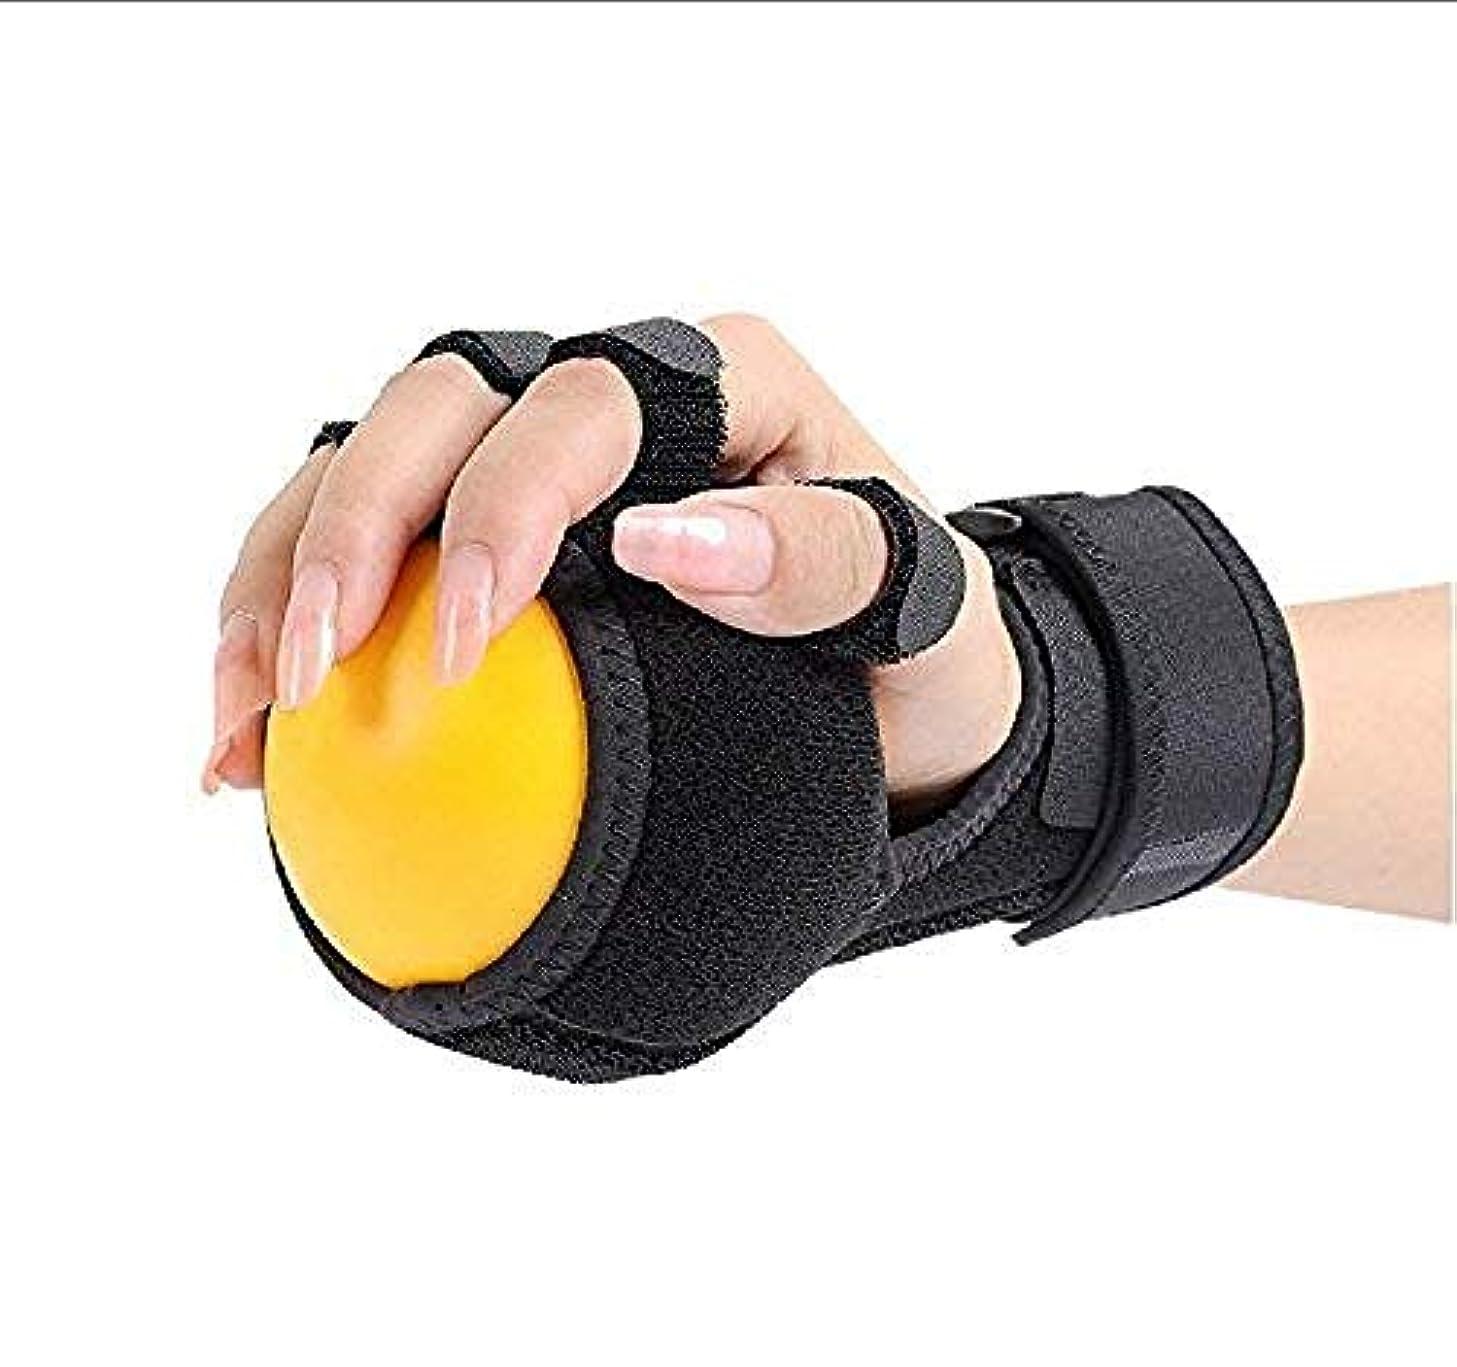 振動する粘性の衝突関節炎ハンドボールリハビリテーションのためのトリガー指装具親指サポートのためのトリガー指副木